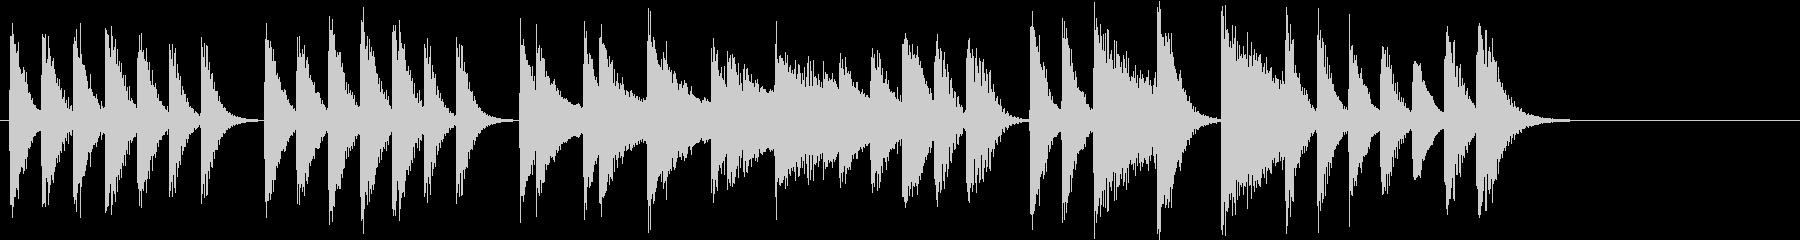 節分に!豆まきモチーフピアノジングルDの未再生の波形